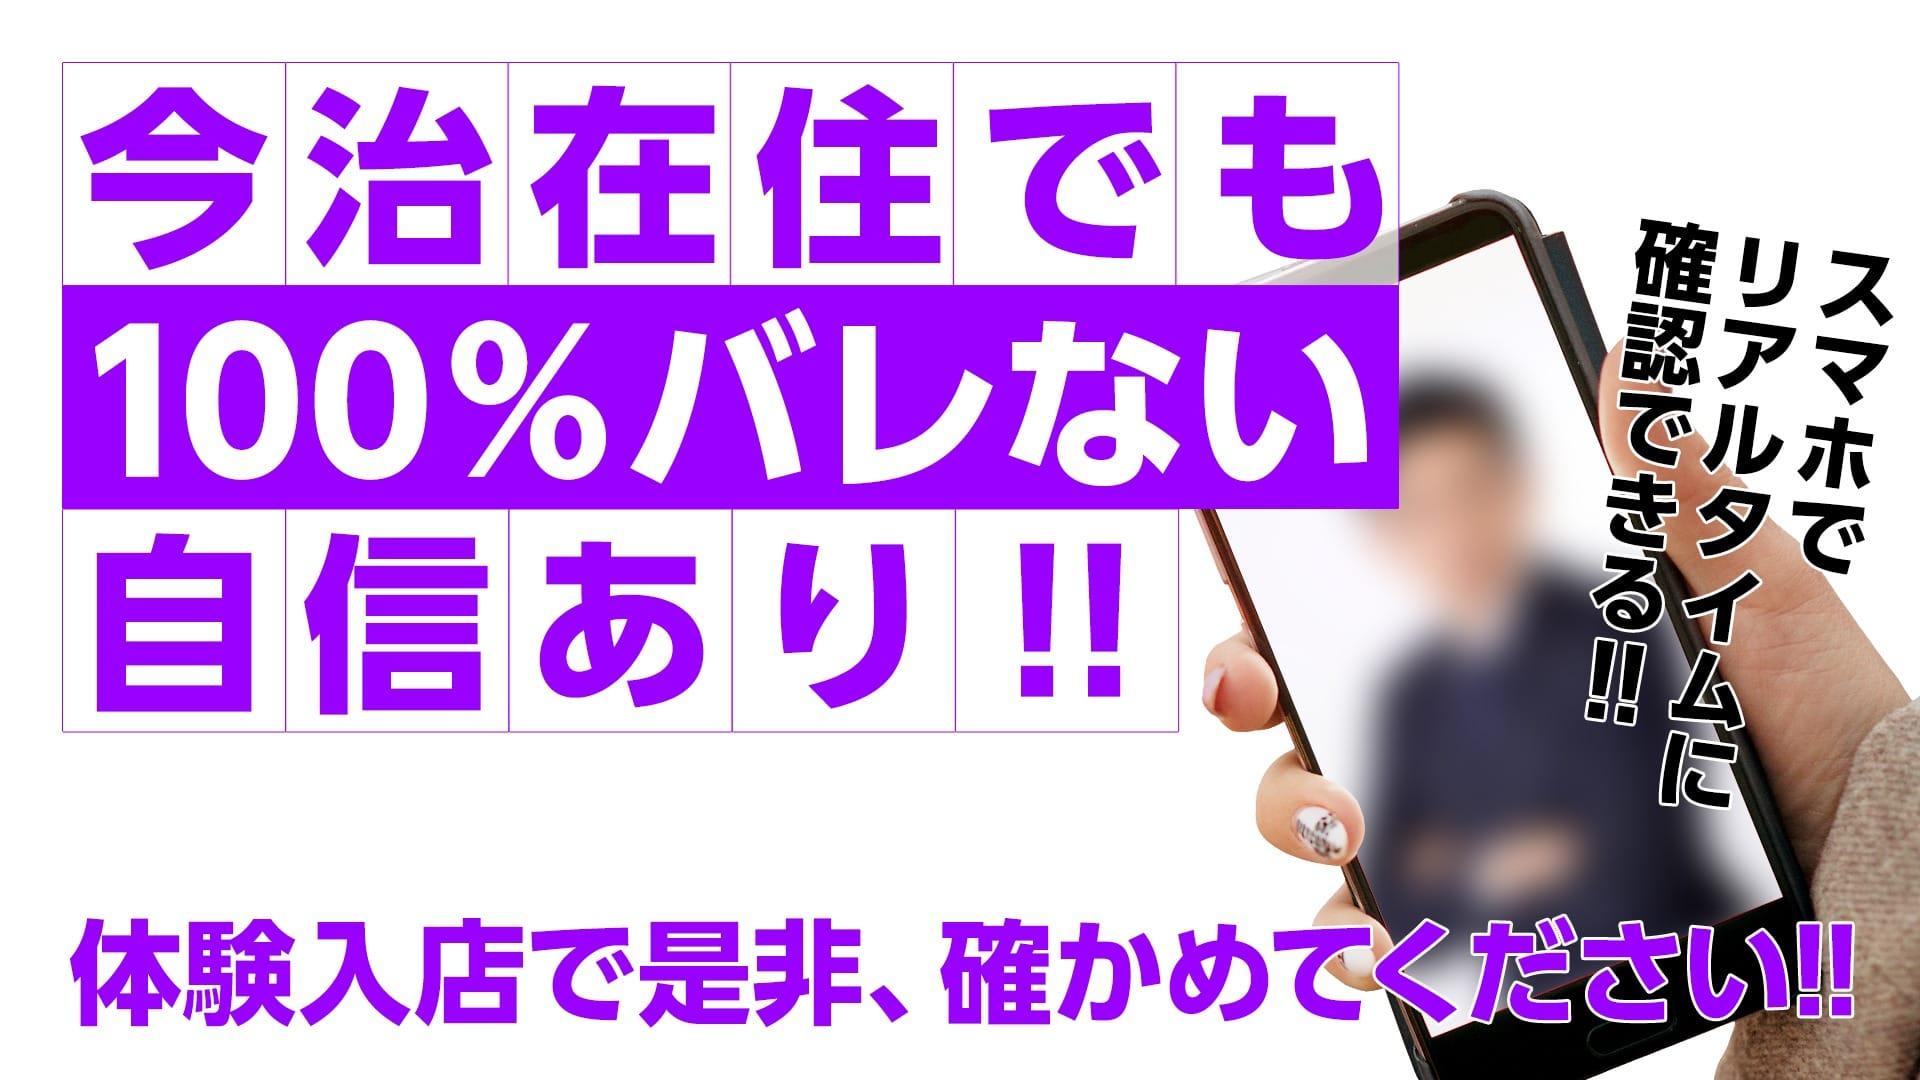 完璧な顧客管理身バレ100%ナシ!待機4時間から1万円保証♪ 奥さま日記(今治店)の求人ブログ